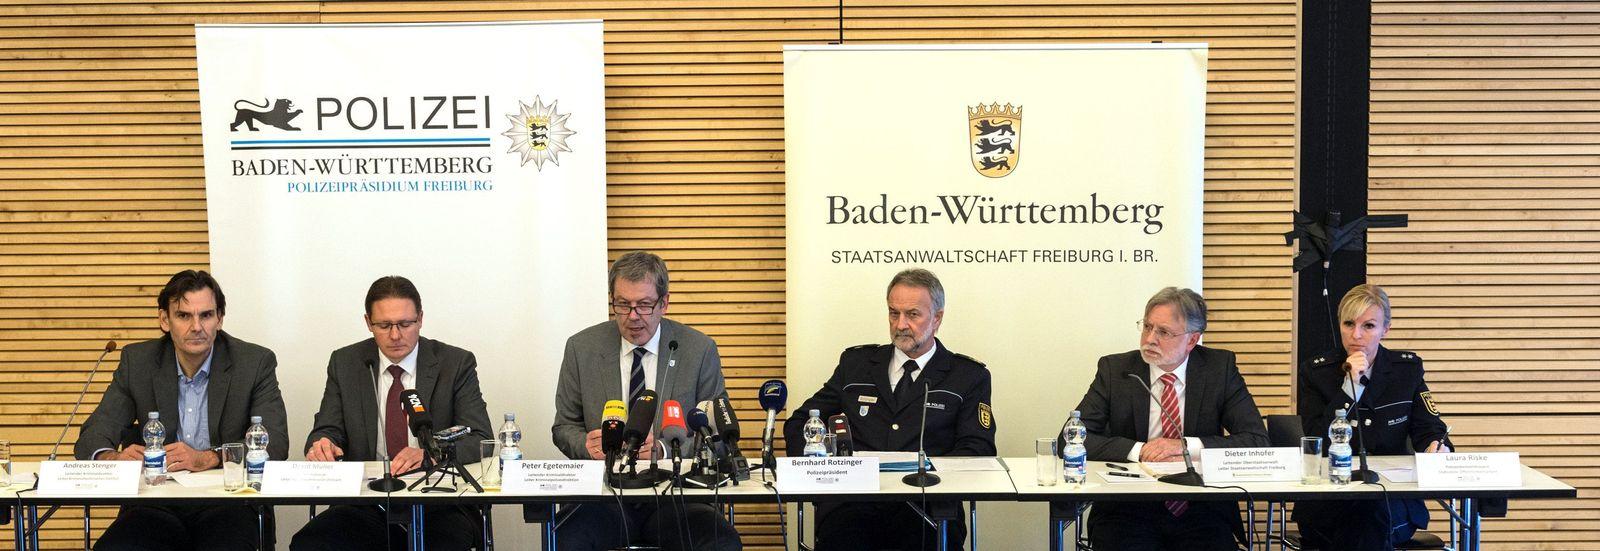 Ermordete Studentin Freiburg - Polizei PK